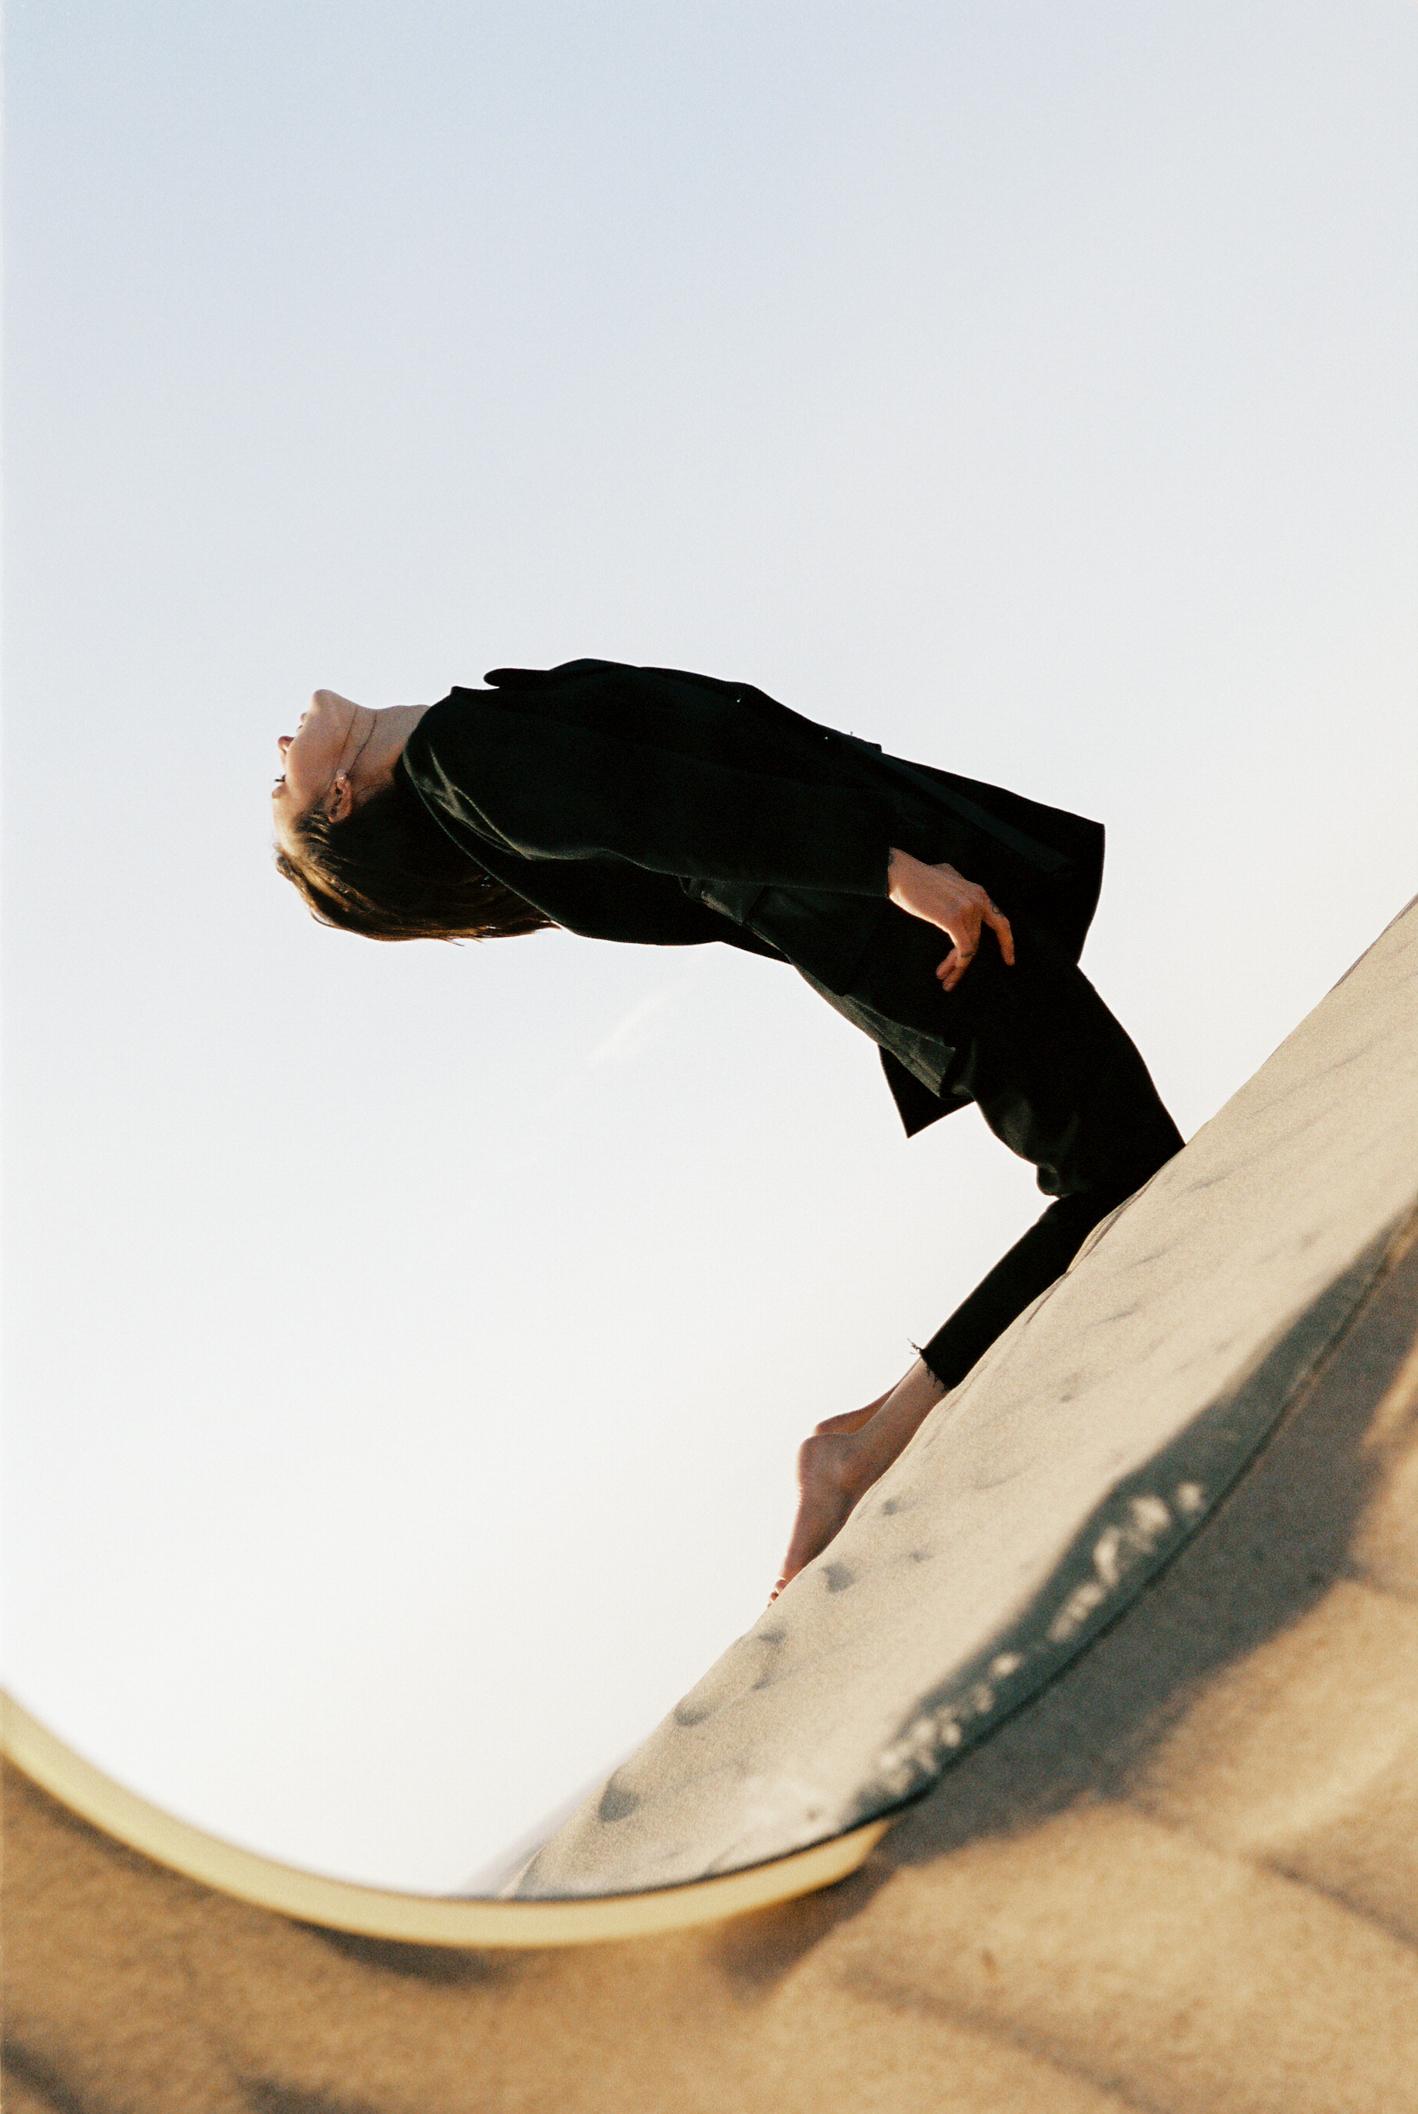 DesertFilm2 (29 of 101).jpg